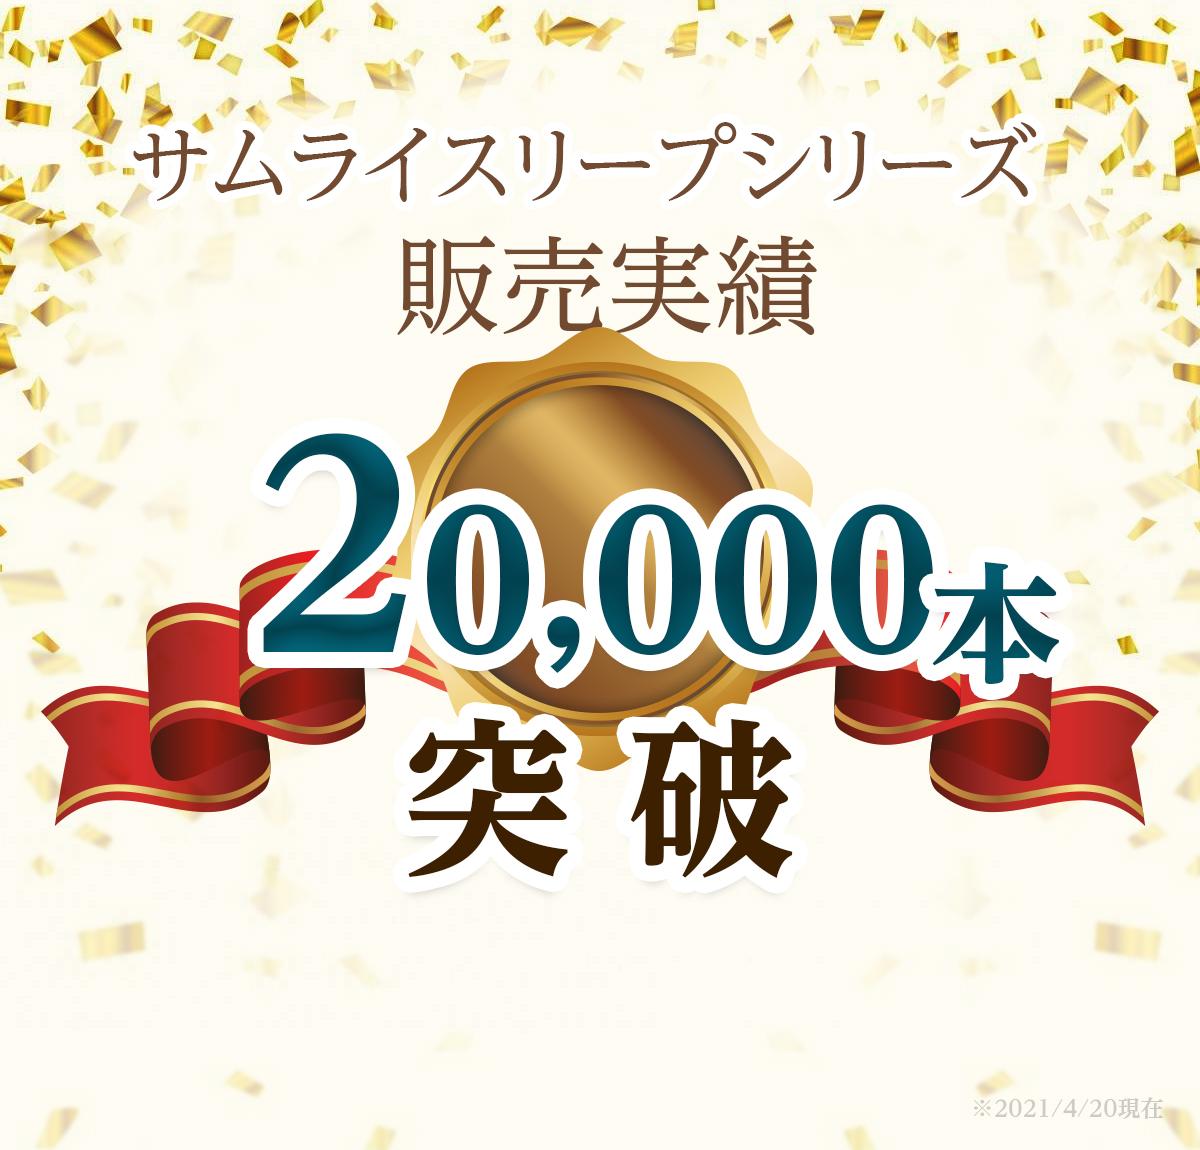 2万本突破